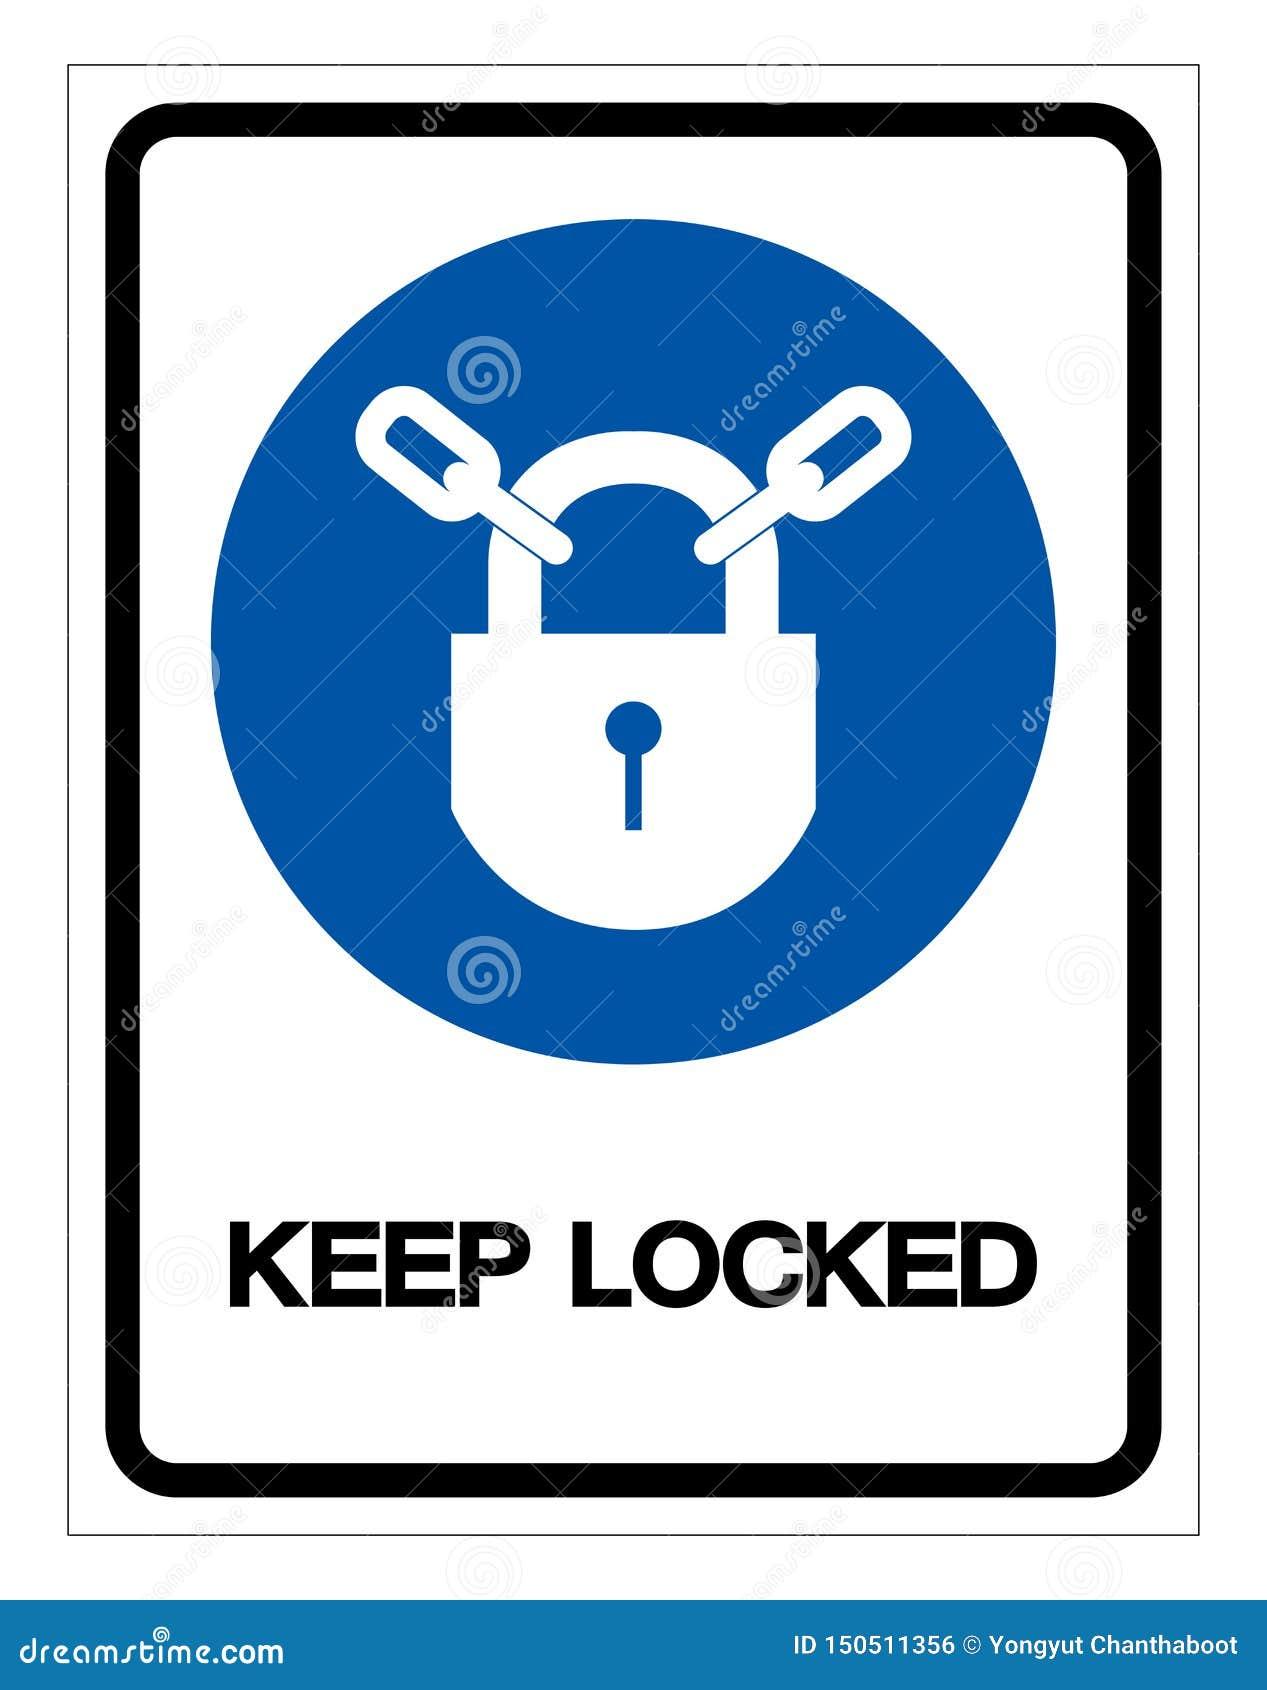 Κρατήστε το κλειδωμένο σημάδι συμβόλων, διανυσματική απεικόνιση, απομονώστε στην άσπρη ετικέτα υποβάθρου EPS10